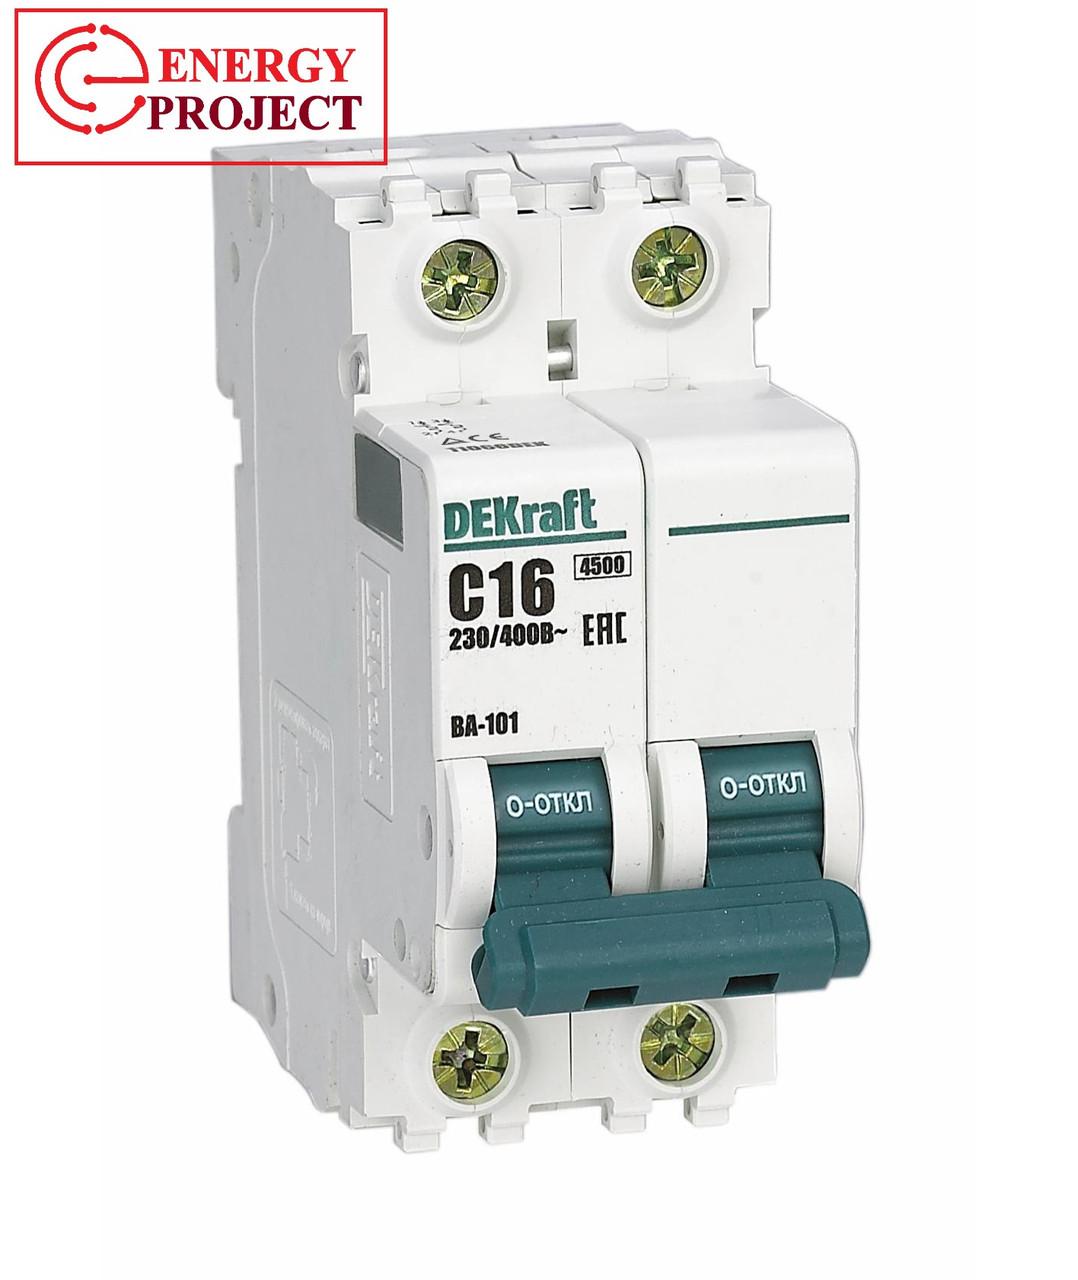 Автоматический выключатель ВА 101 1П 16А(114) Dekraft